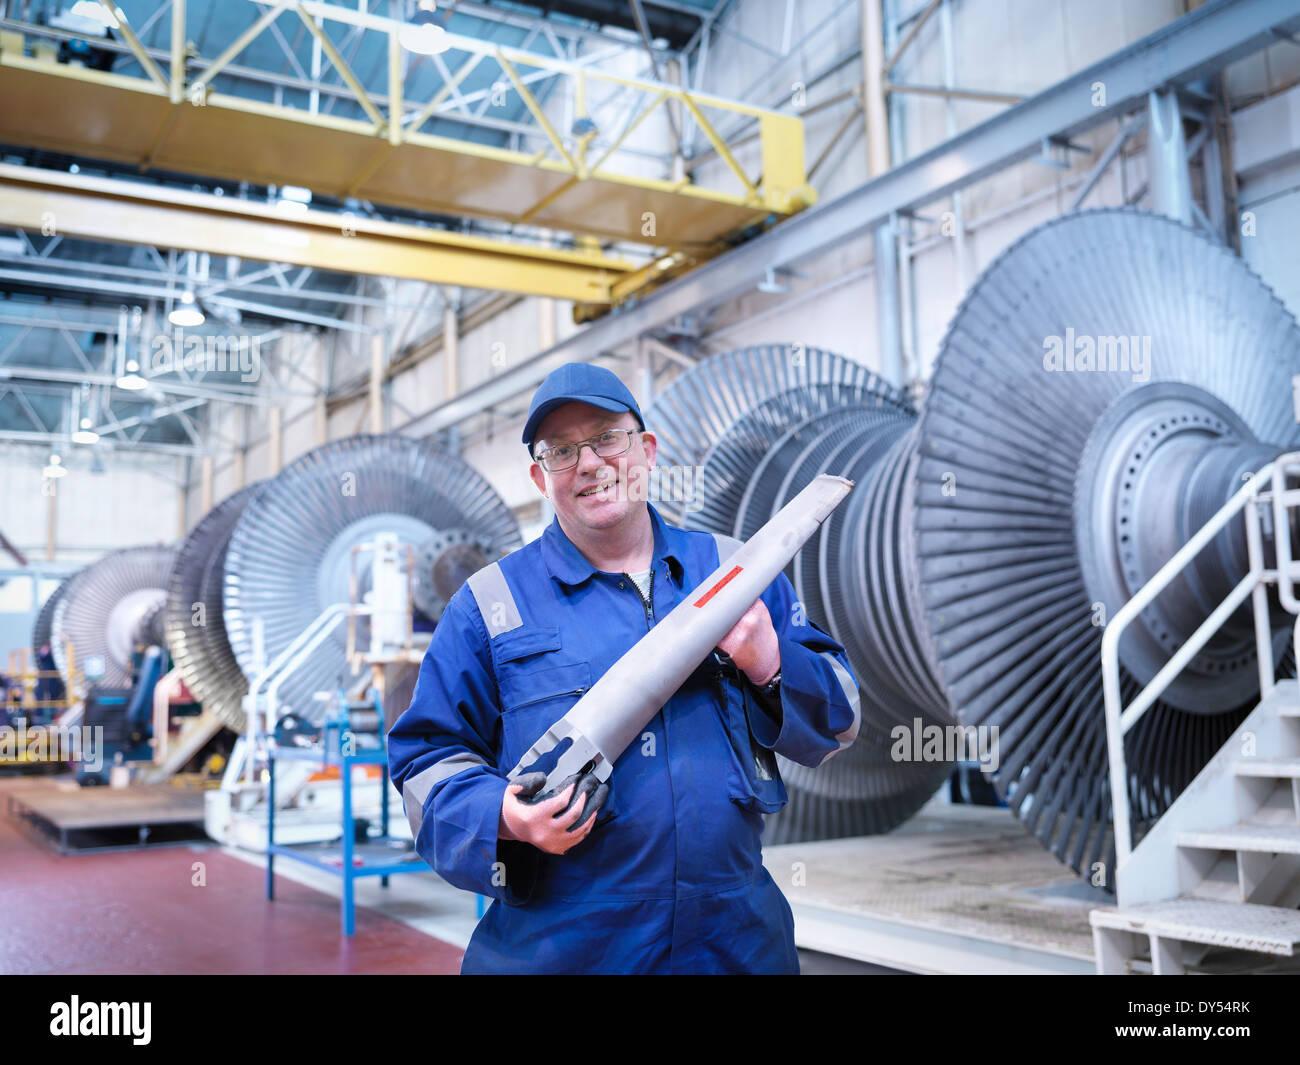 Portrait of engineer holding rotor blade in turbine repair workshop - Stock Image